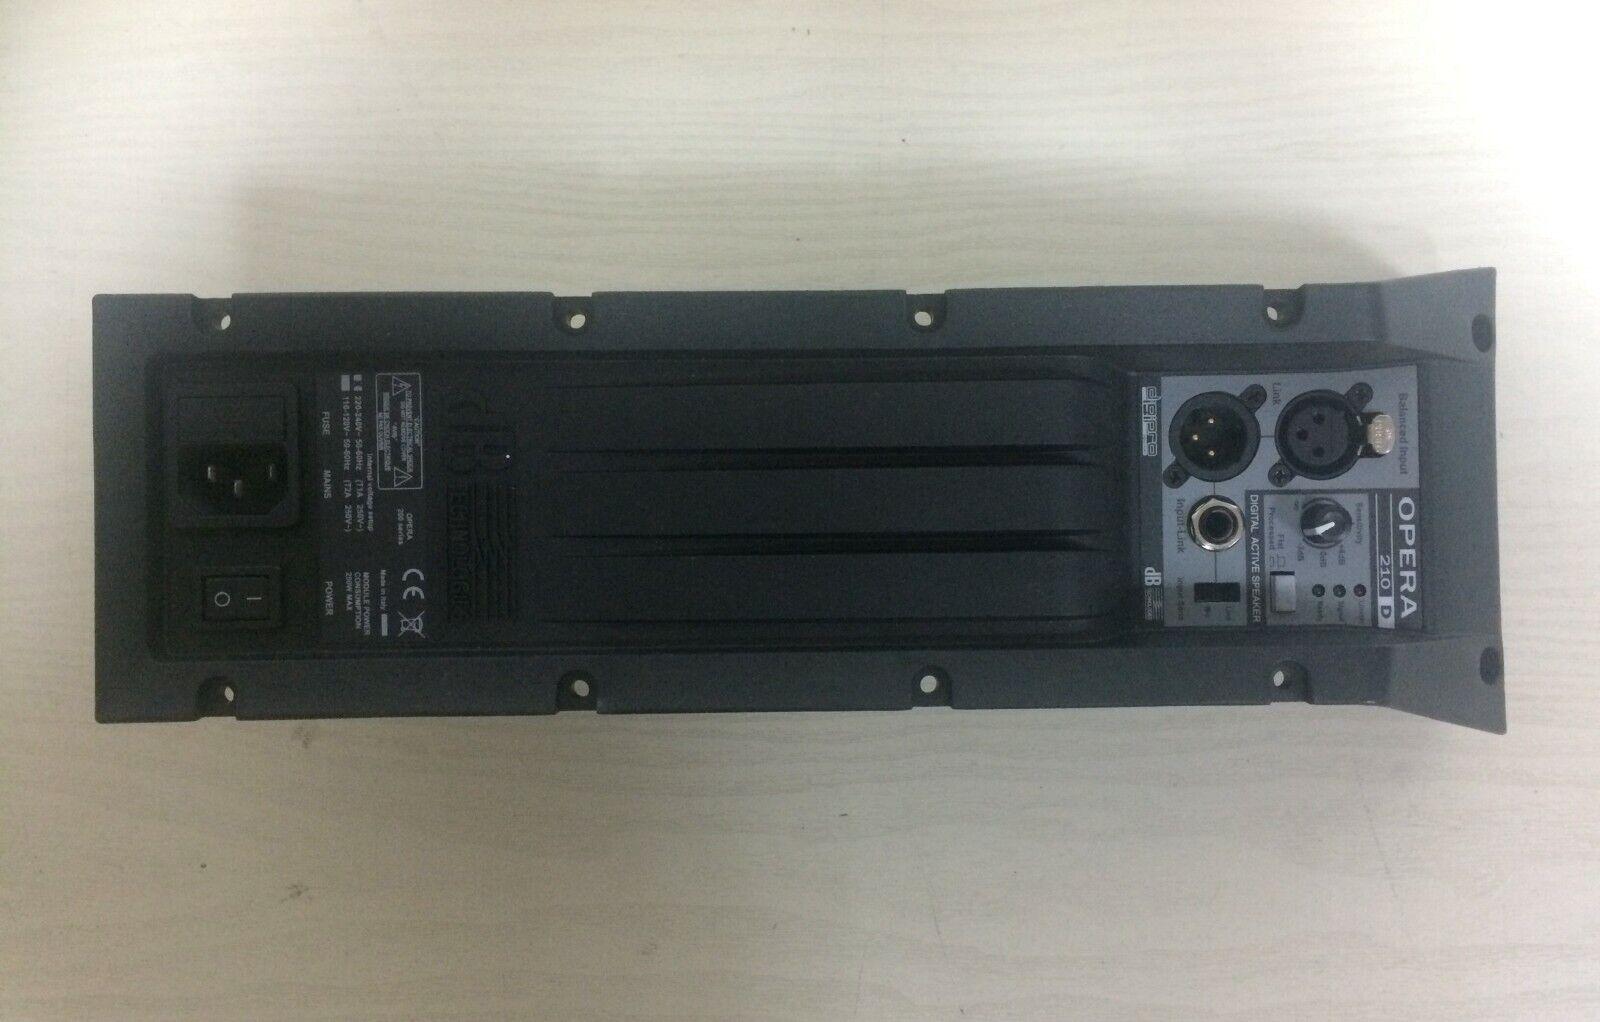 Pannello con modulo amplificatore per dB Technologies Opera 210D